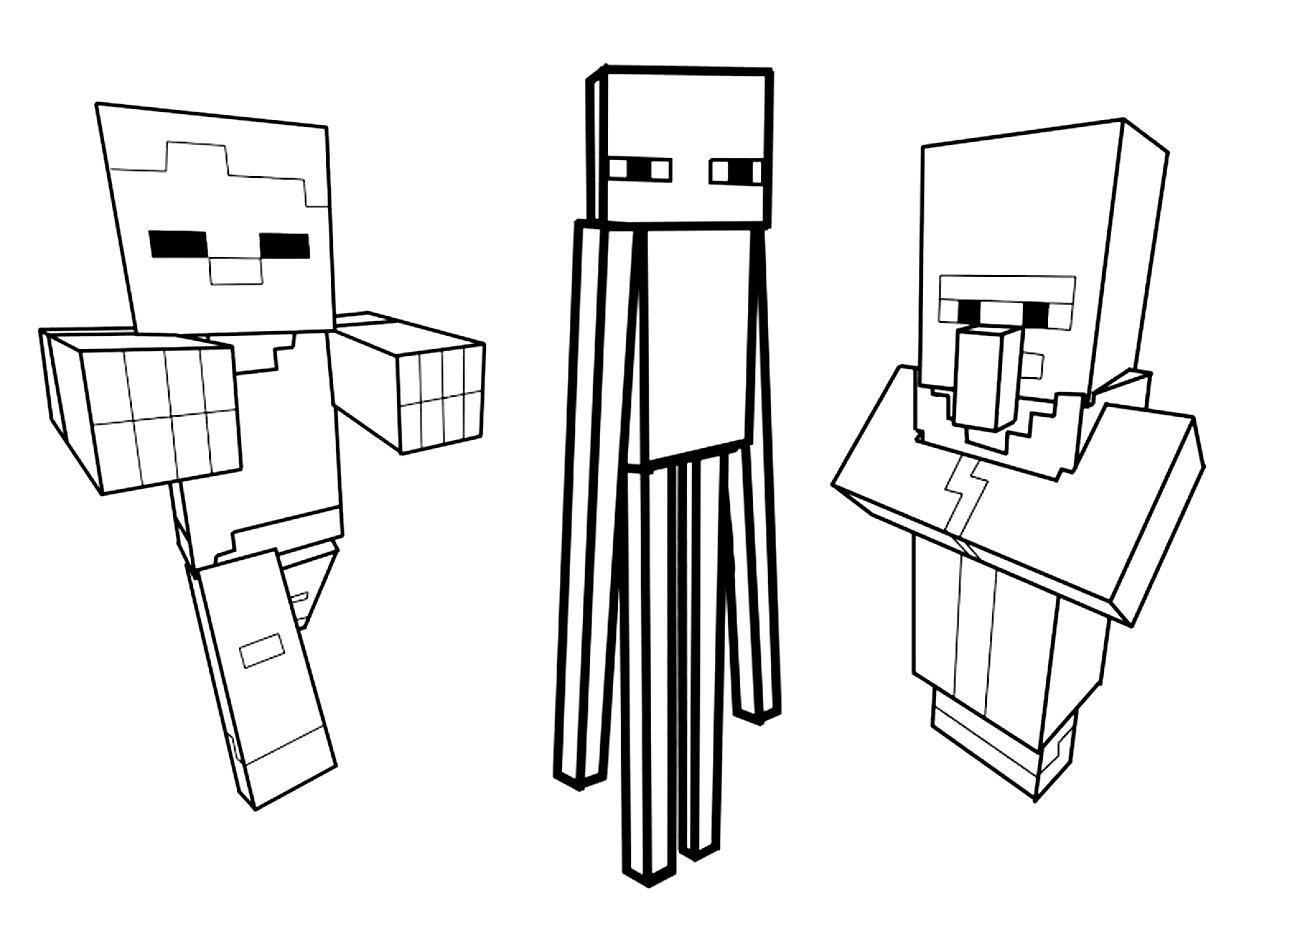 Minecraft #92 (Jeux Vidéos) – Coloriages À Imprimer encequiconcerne Jeux Gratuit De Dessin A Colorier